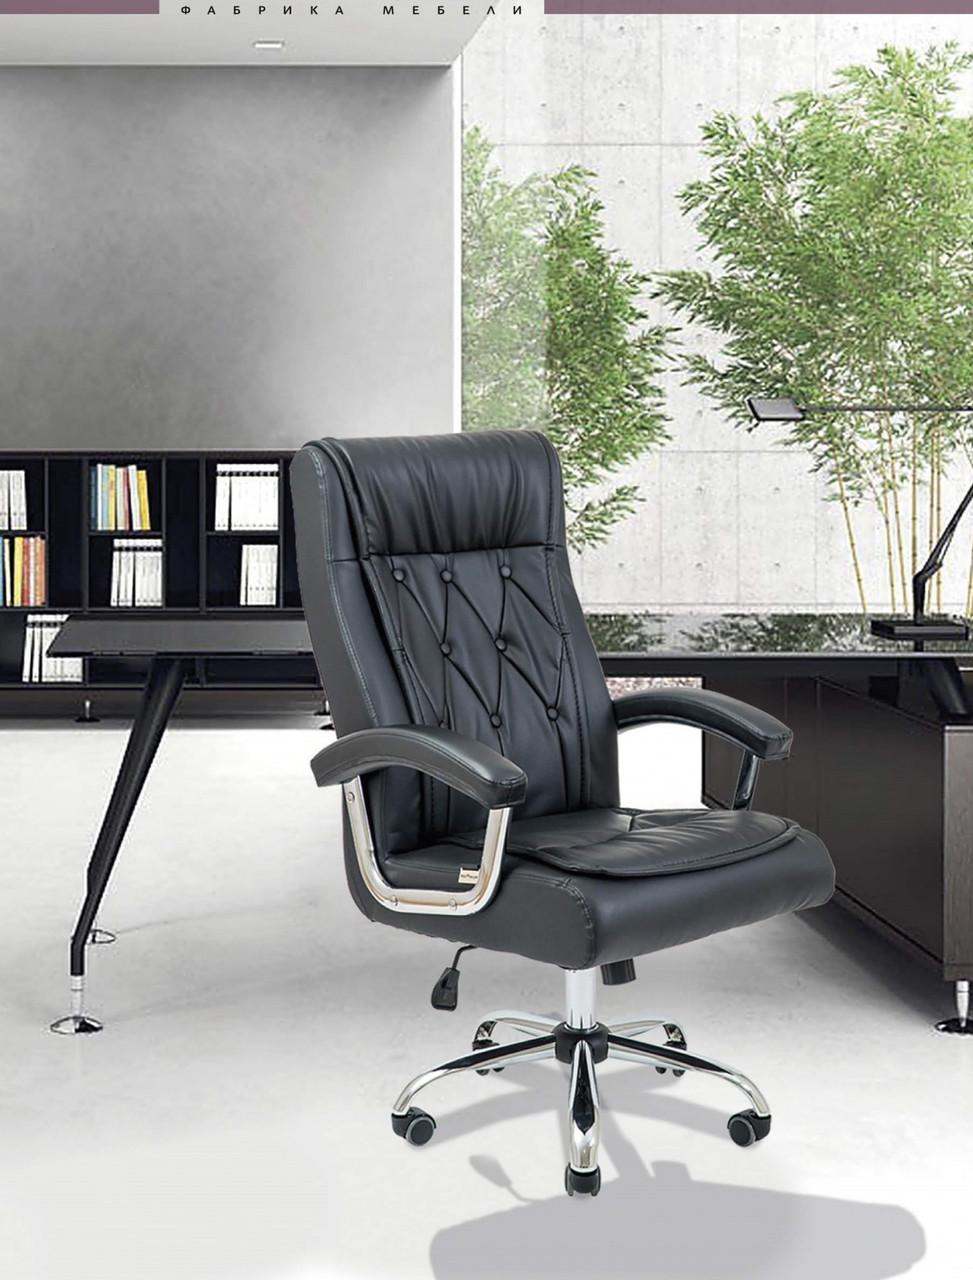 Офисное Кресло Руководителя Richman Телави Флай 2230 Хром М2 AnyFix Черное